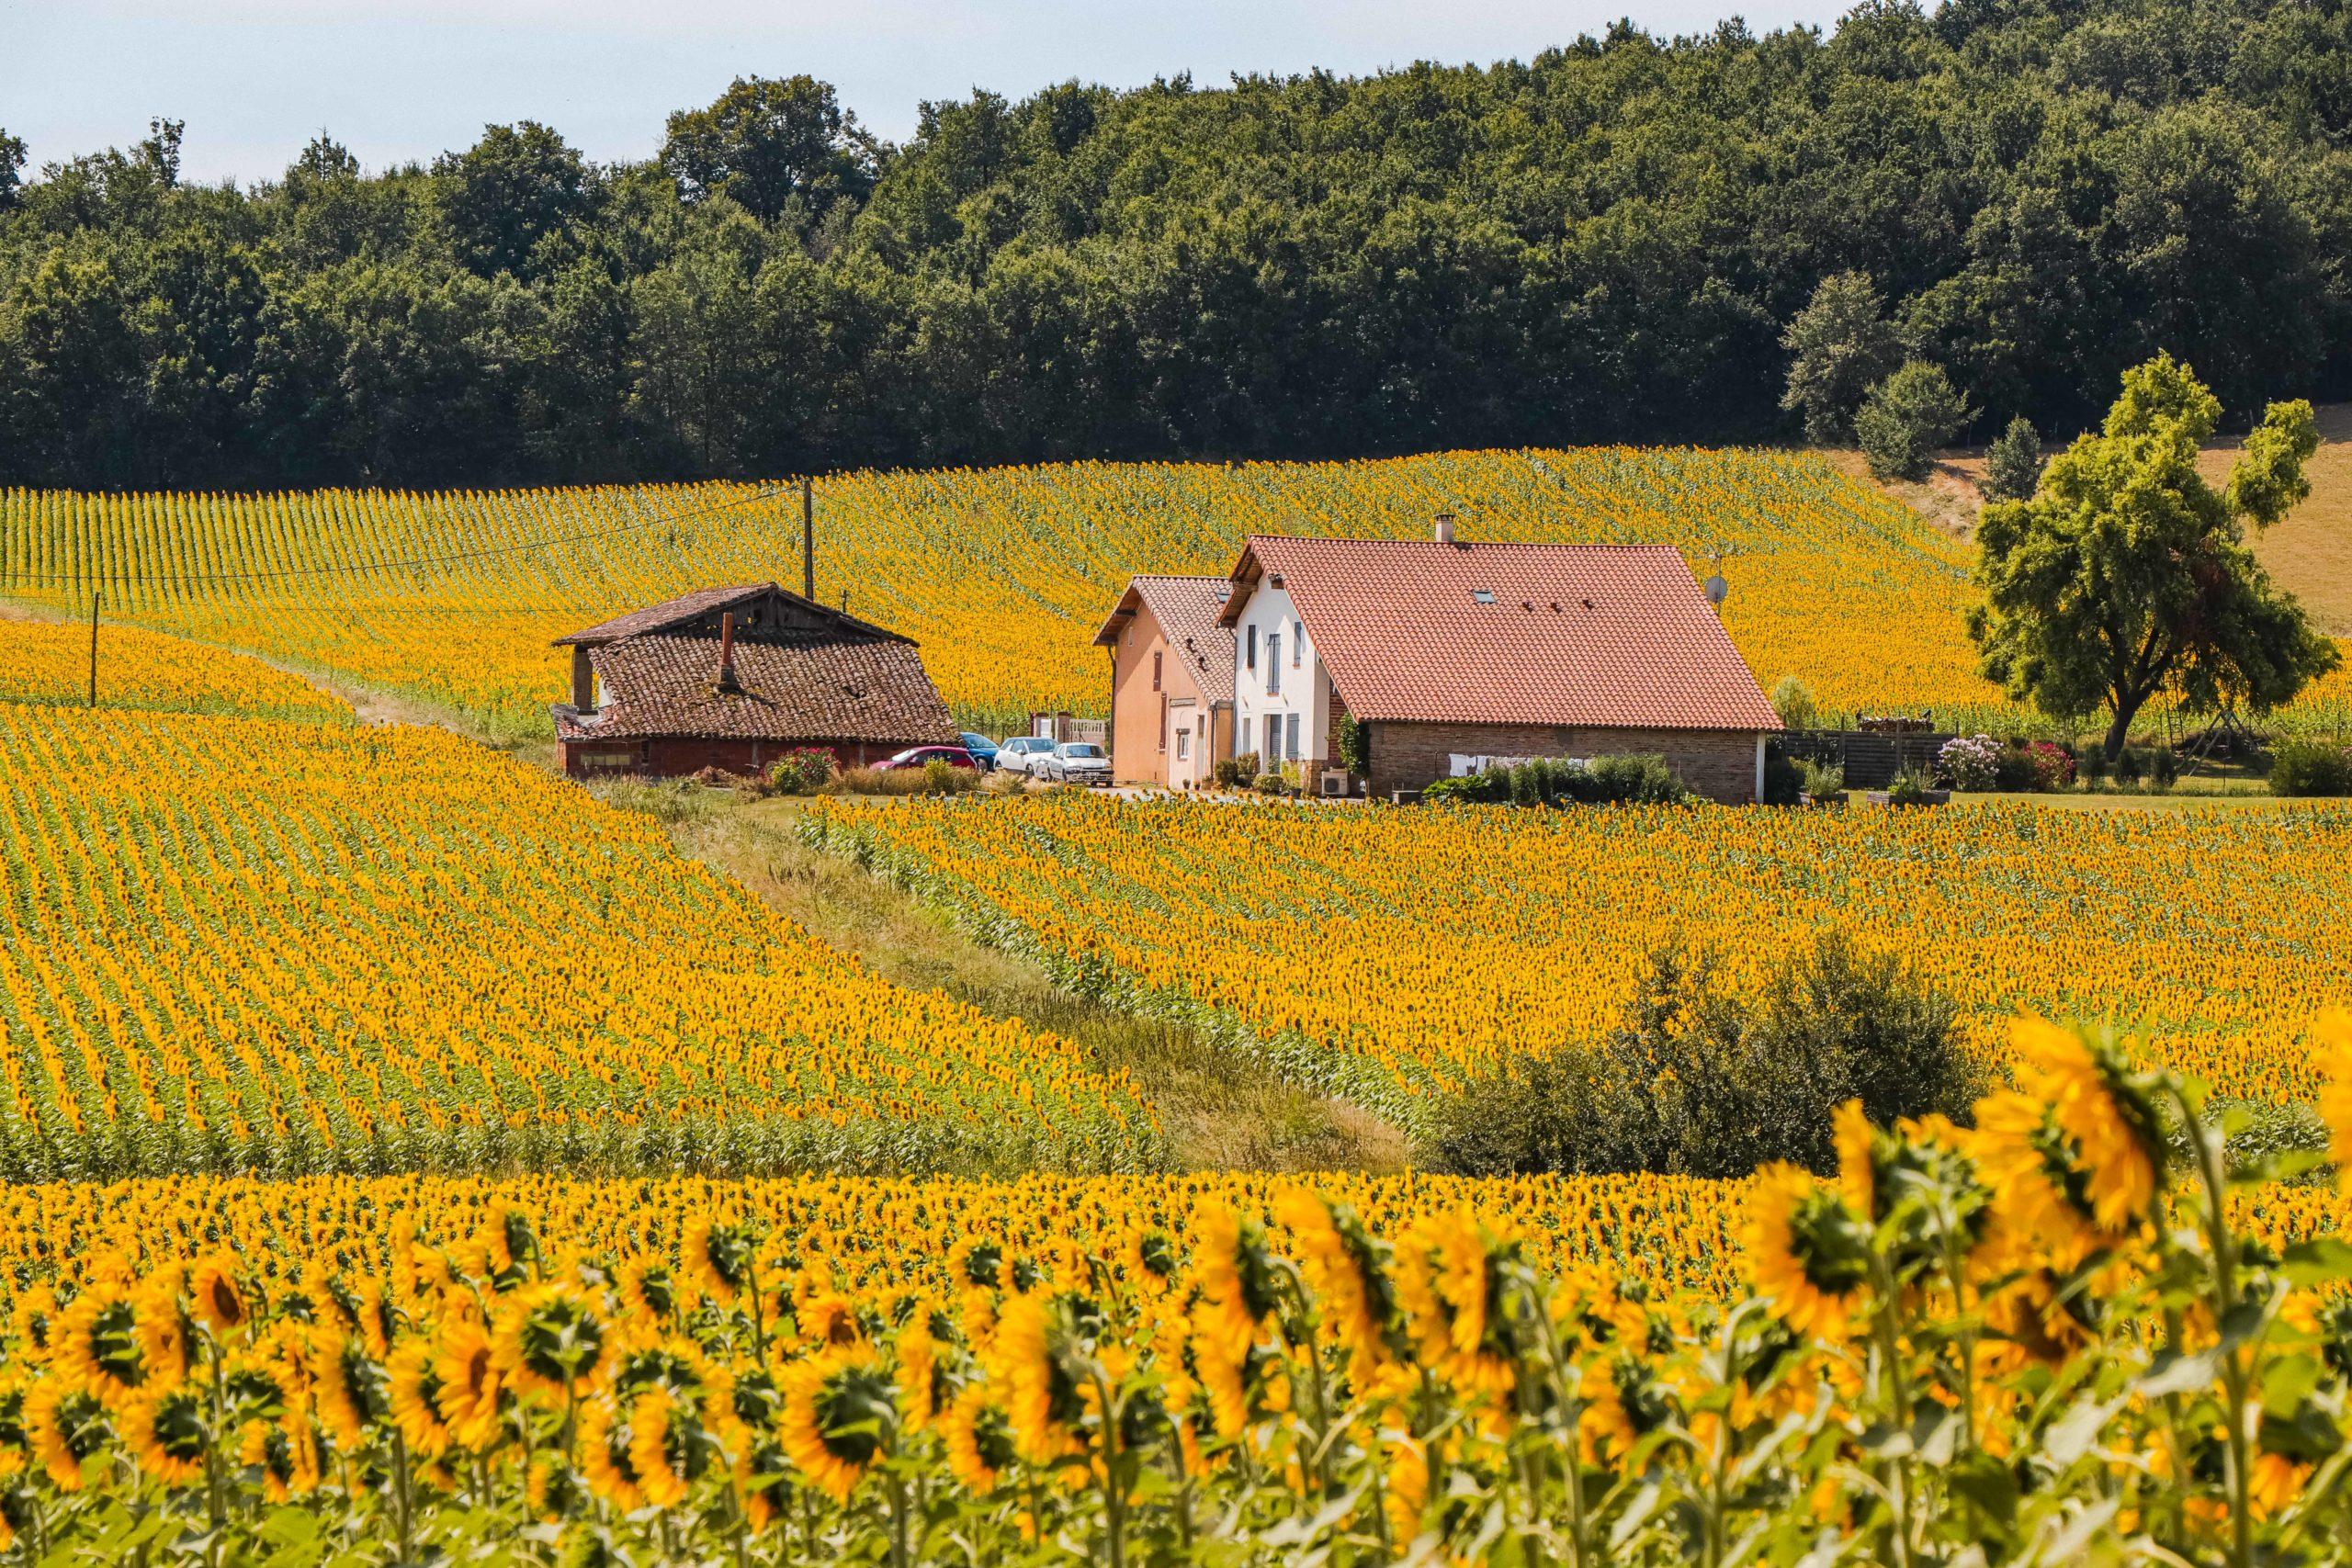 Le burgaud - Haute Garonne - Que faire en famille dans le Pays Tolosan